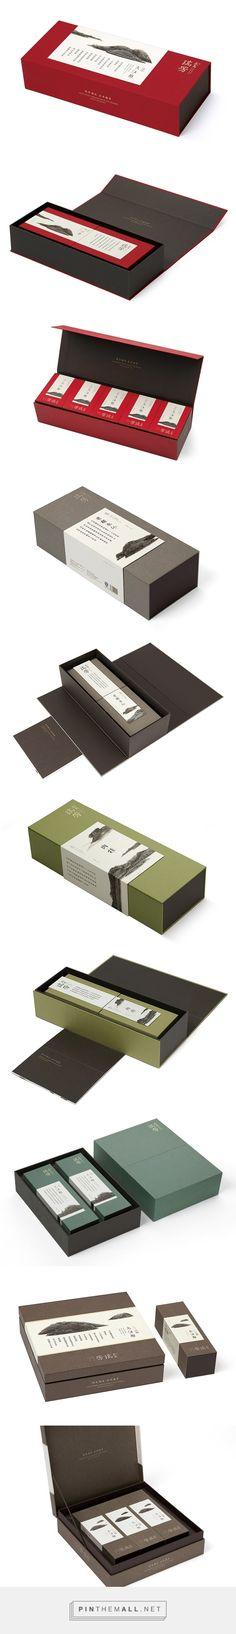 WUYI RUIFANG TEA #packaging PD